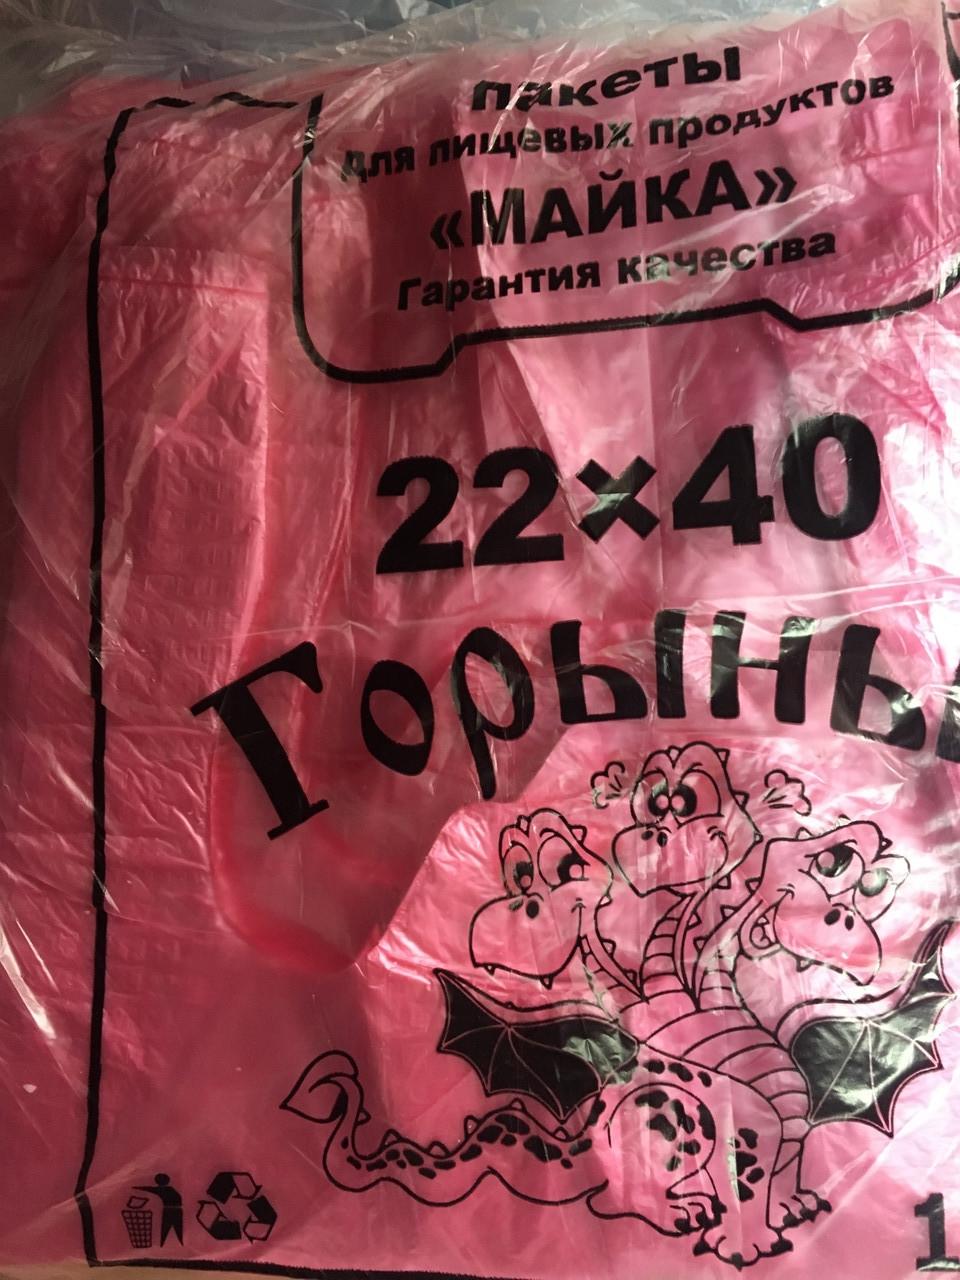 Пакет полиэтиленовый Майка  ''Горыныч'' 220*400 мм (22*40) 100 шт/упаковка